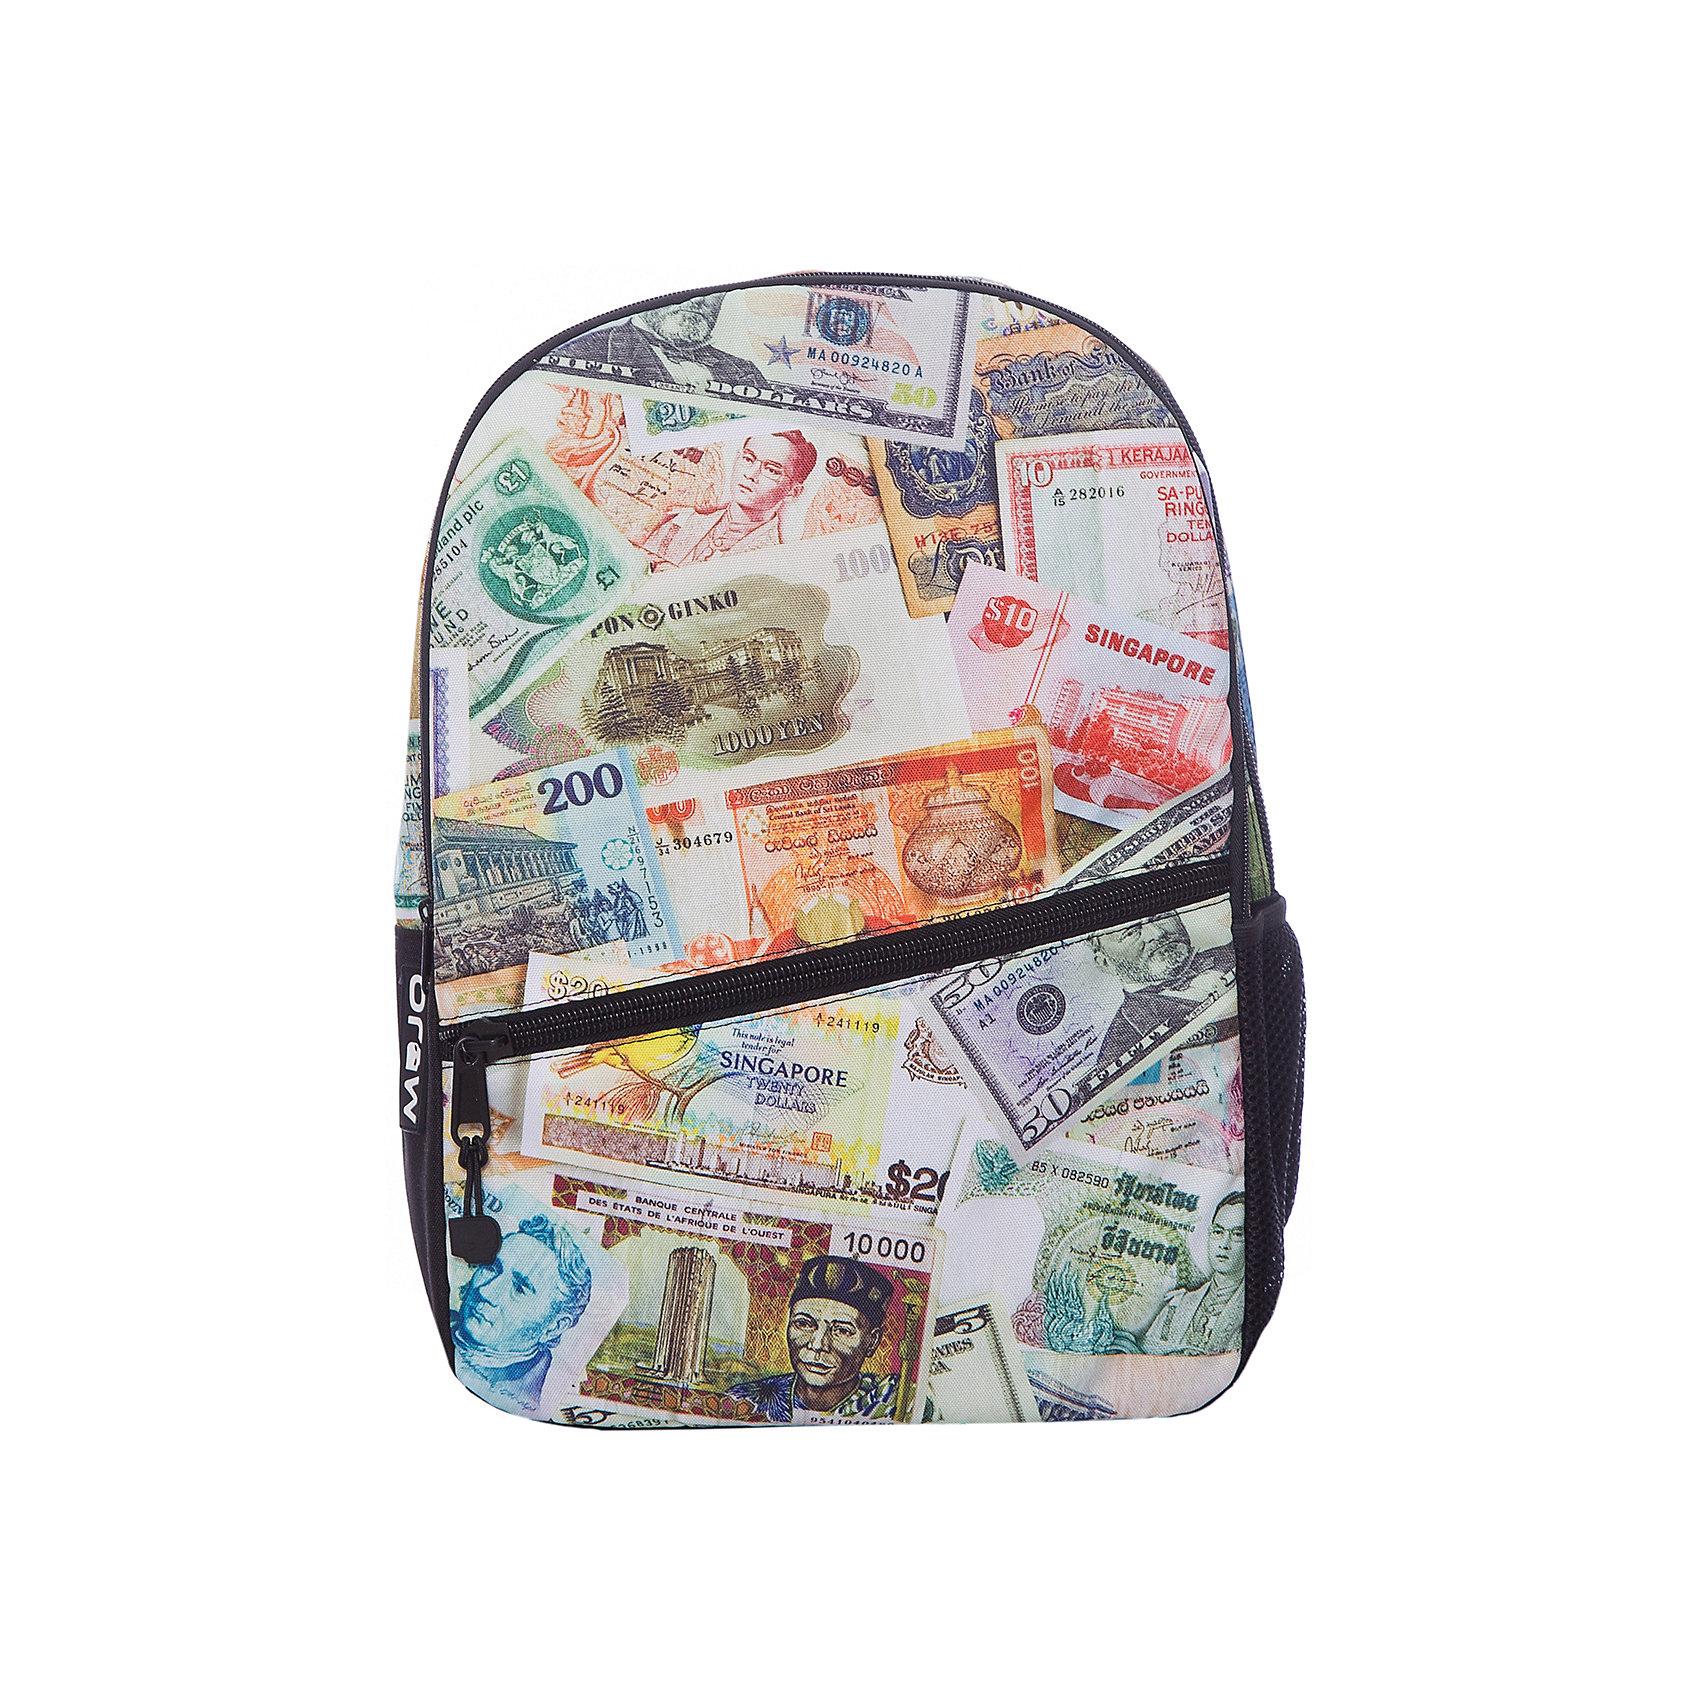 Рюкзак Paper Money, цвет мультиРюкзаки<br>Характеристики товара:<br><br>• цвет: мульти;<br>• возраст: от 10 лет;<br>• вес: 0,5 кг;<br>• размер: 43х30х16 см;<br>• выполнен из водоотталкивающей ткани с полиуретановым слоем;<br>• вместительный;<br>• внутри два отделения;<br>• прочная текстильная ручка;<br>• лямки регулируются по высоте;<br>• ремни, спинка и дно рюкзака сделаны из уплотненной ткани;<br>• материал: полиэстер;<br>• страна бренда: США;<br>• страна изготовитель: Китай.<br><br>Функциональный и вместительный, рюкзак привлекает внимание позитивным ярким, не похожим ни на кого принтом. <br><br>Вместительный отсек для вещей, а также отсек для планшета с плотной подкладкой. Переносить рюкзак удобно за прочную текстильную ручку.<br><br>Рюкзак Mojo Pax «Paper Money» можно купить в нашем интернет-магазине.<br><br>Ширина мм: 430<br>Глубина мм: 300<br>Высота мм: 160<br>Вес г: 500<br>Возраст от месяцев: 120<br>Возраст до месяцев: 720<br>Пол: Унисекс<br>Возраст: Детский<br>SKU: 7054132